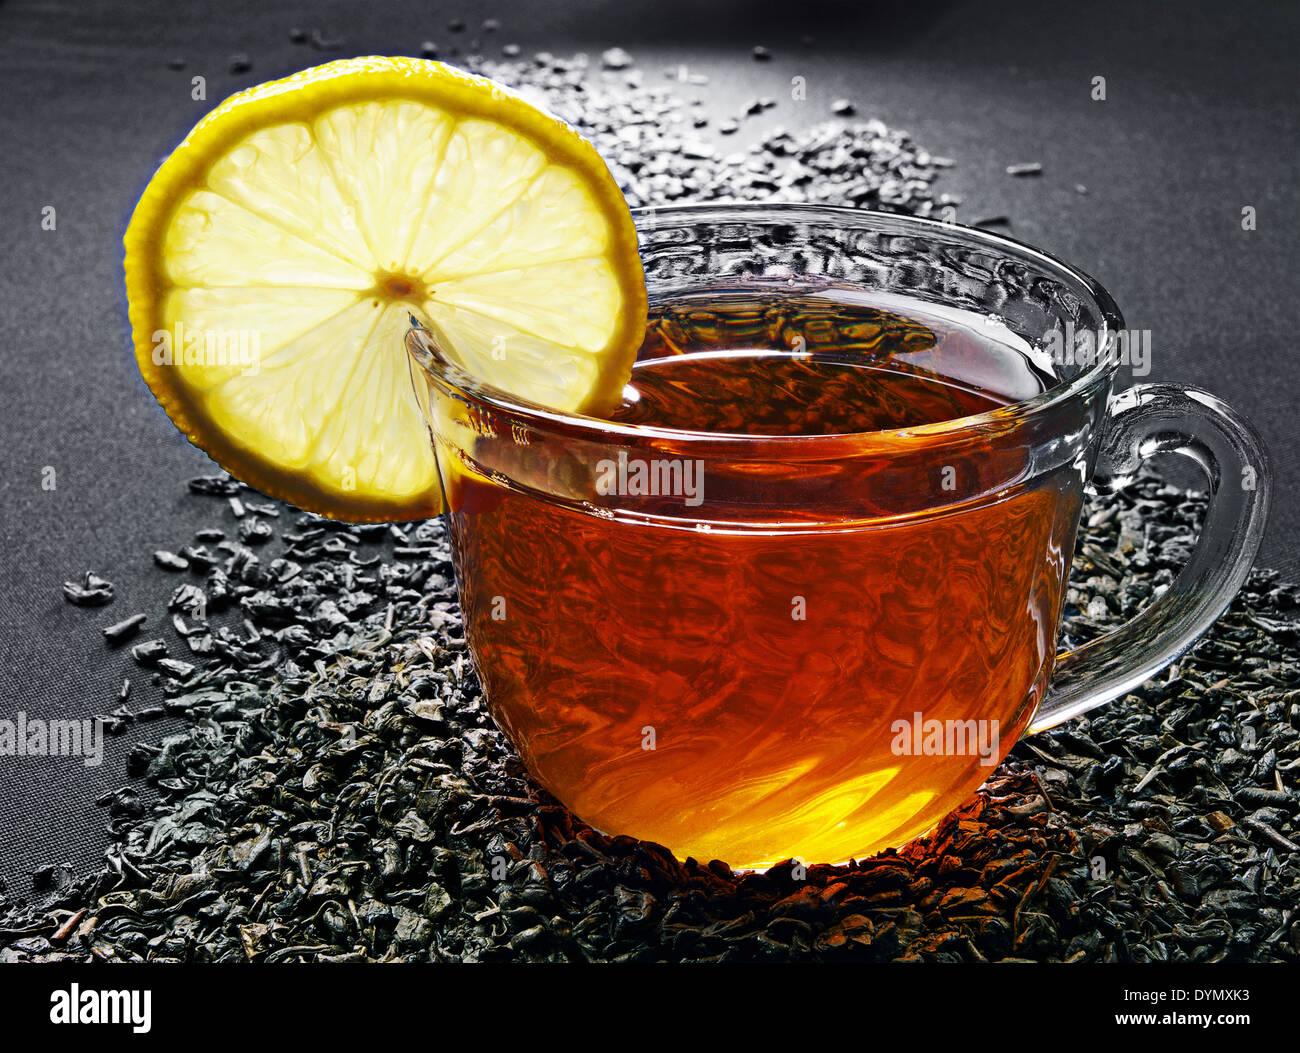 Tasse en verre de thé au citron Photo Stock